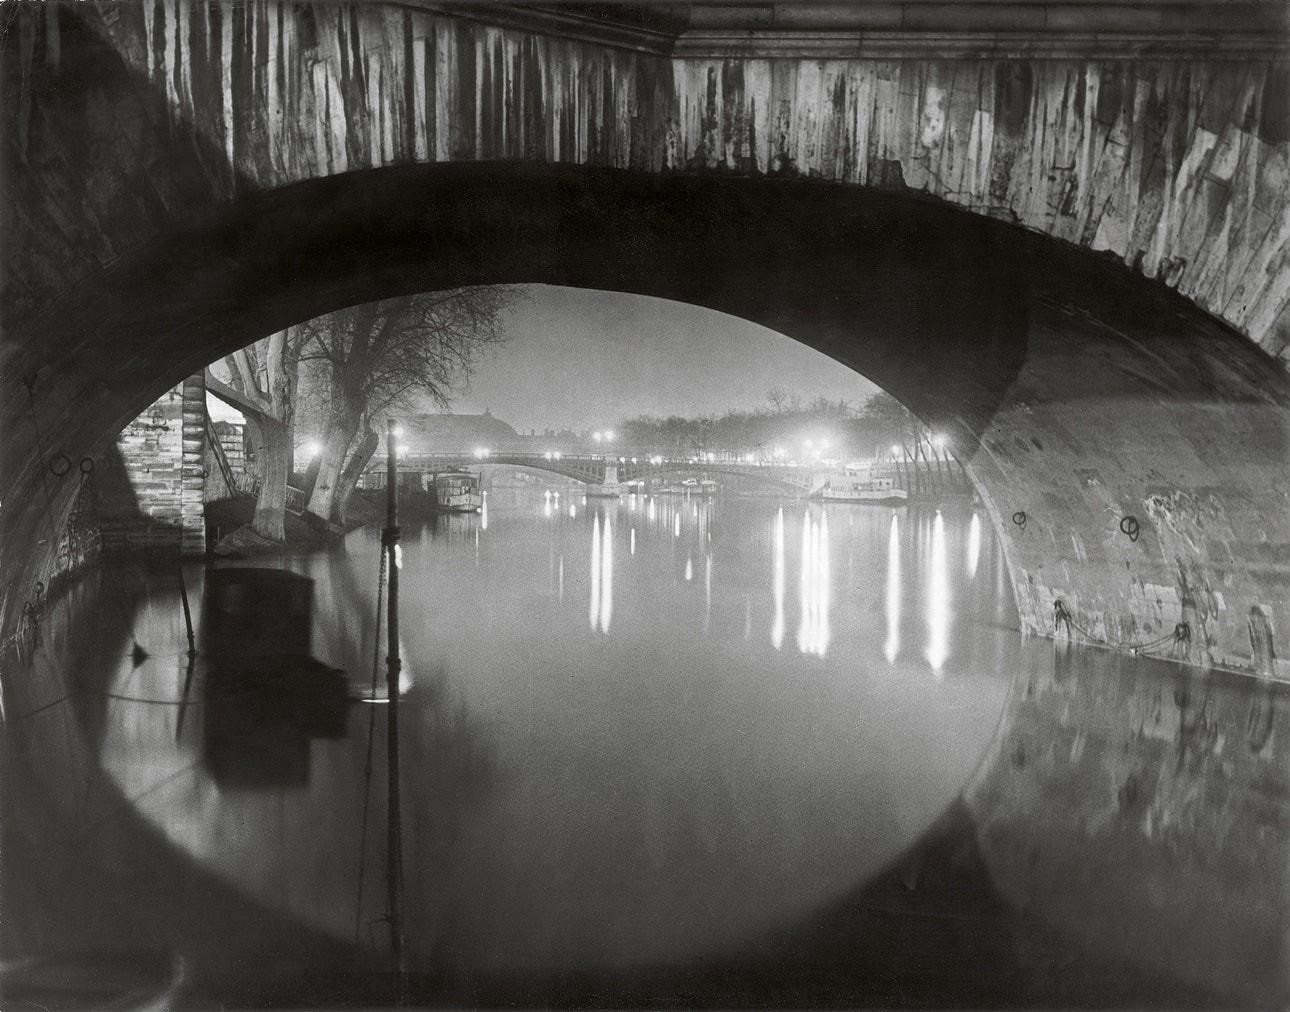 Вид через мост Руаяль на мост Сольферино, 1933. Фотограф Брассаи